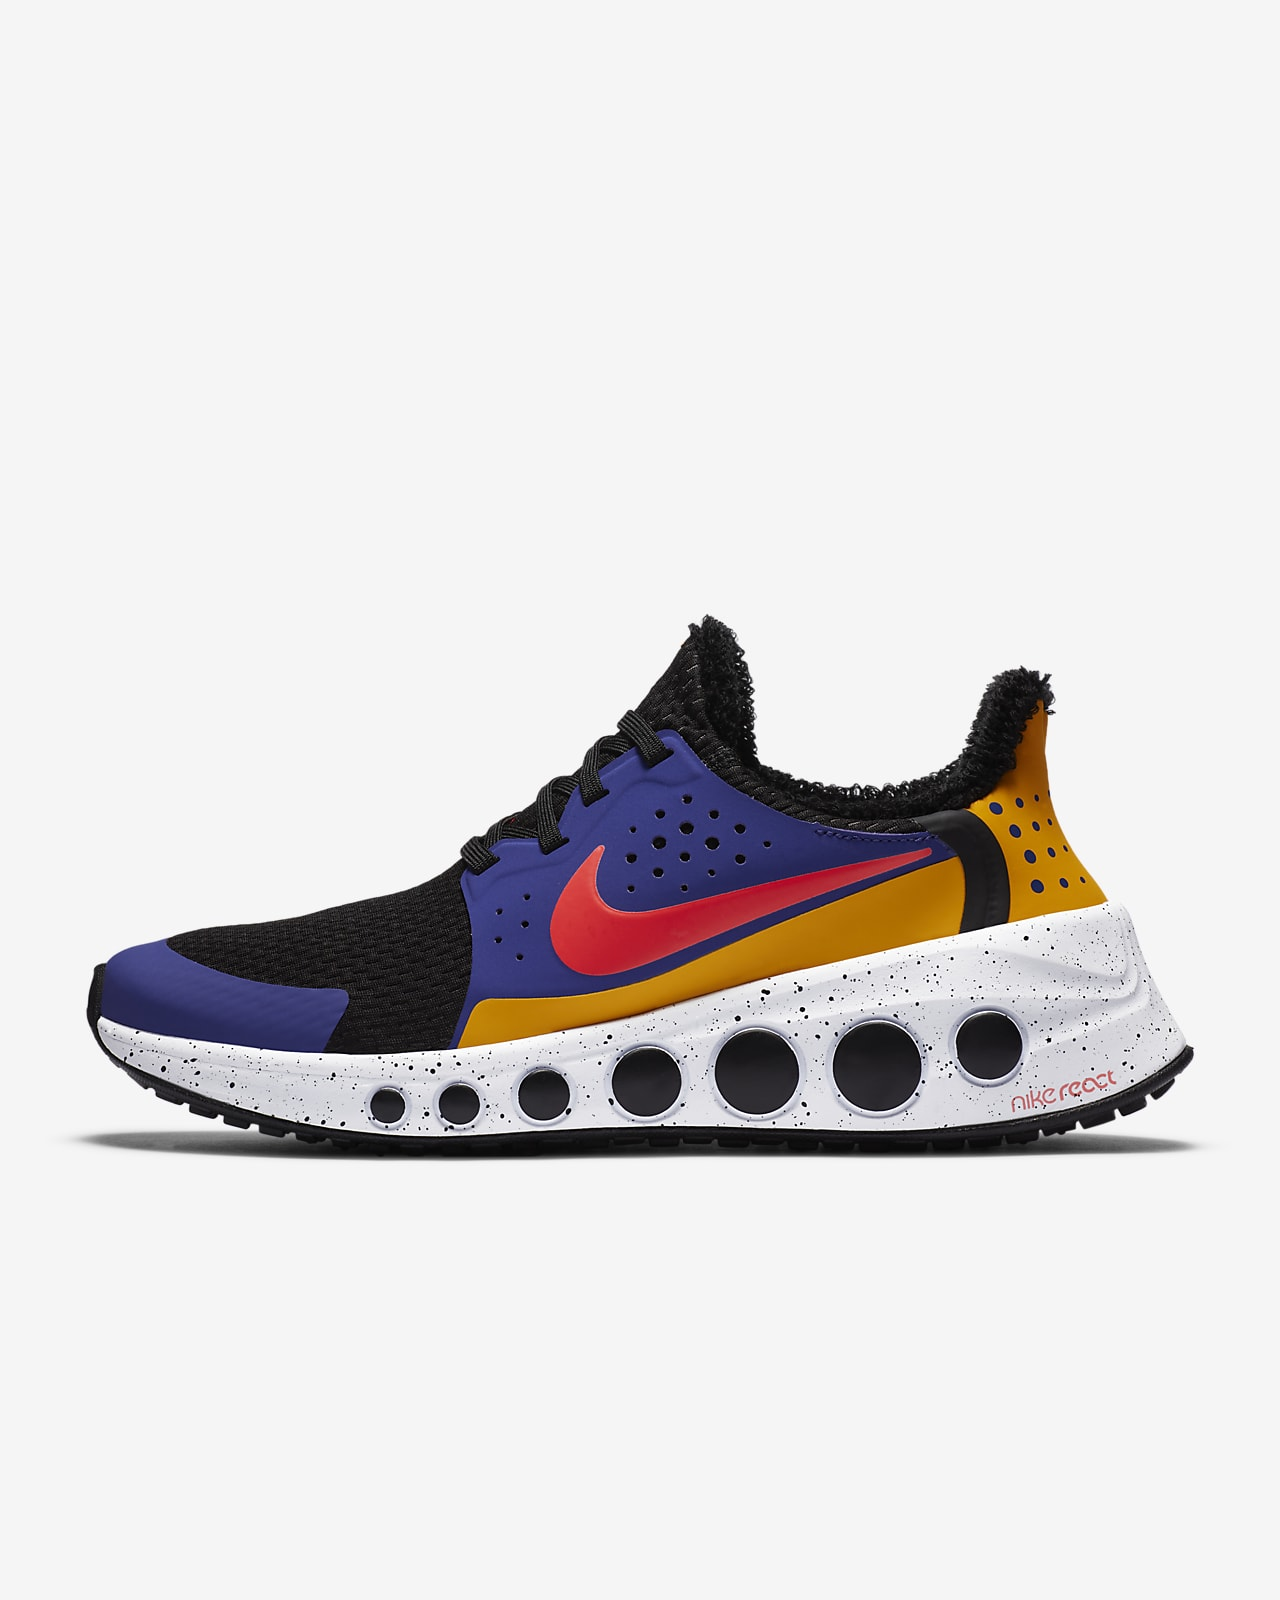 Nike CruzrOne 中性鞋款